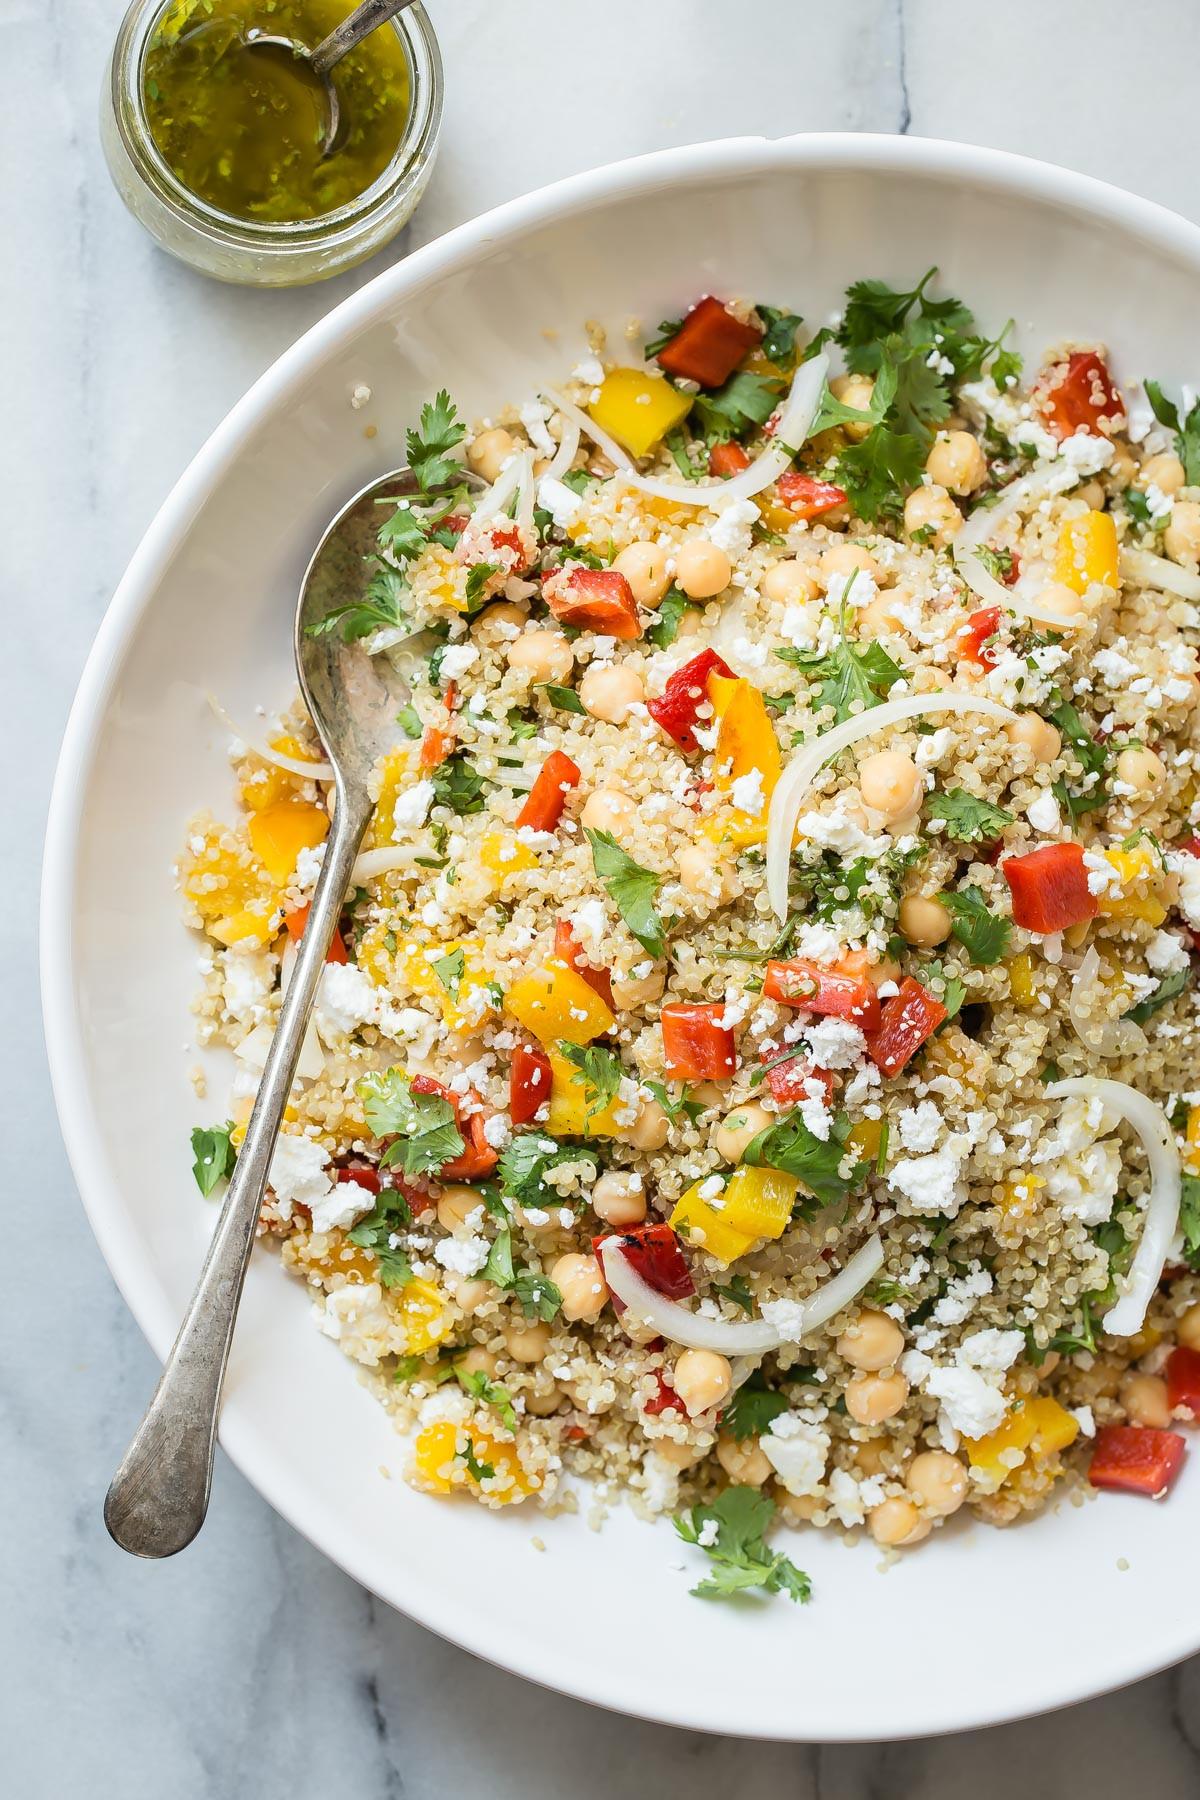 Quinoa Recipes Salad  Healthy Quinoa Salad with Feta Cheese